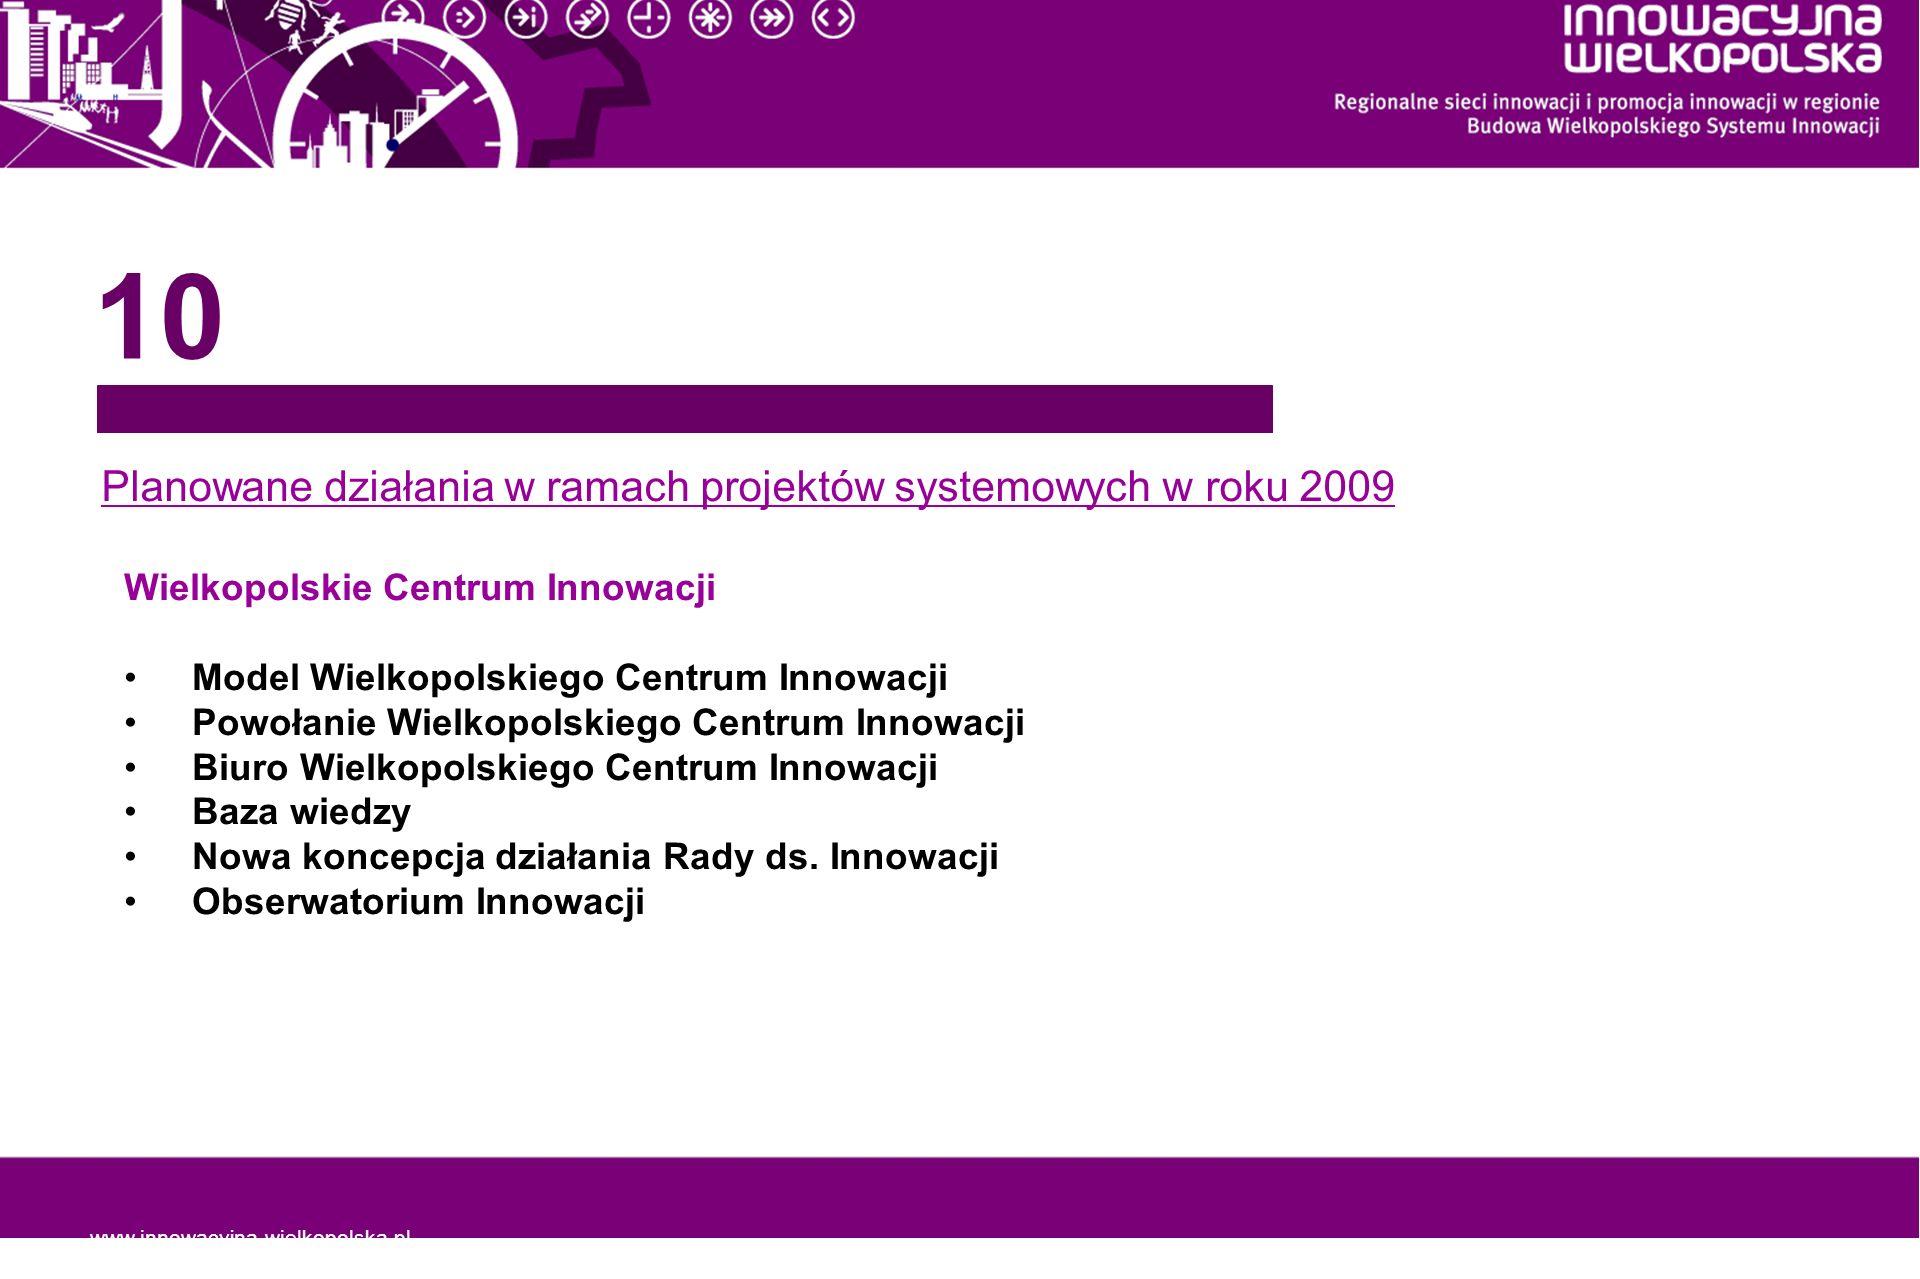 Planowane działania w ramach projektów systemowych w roku 2009